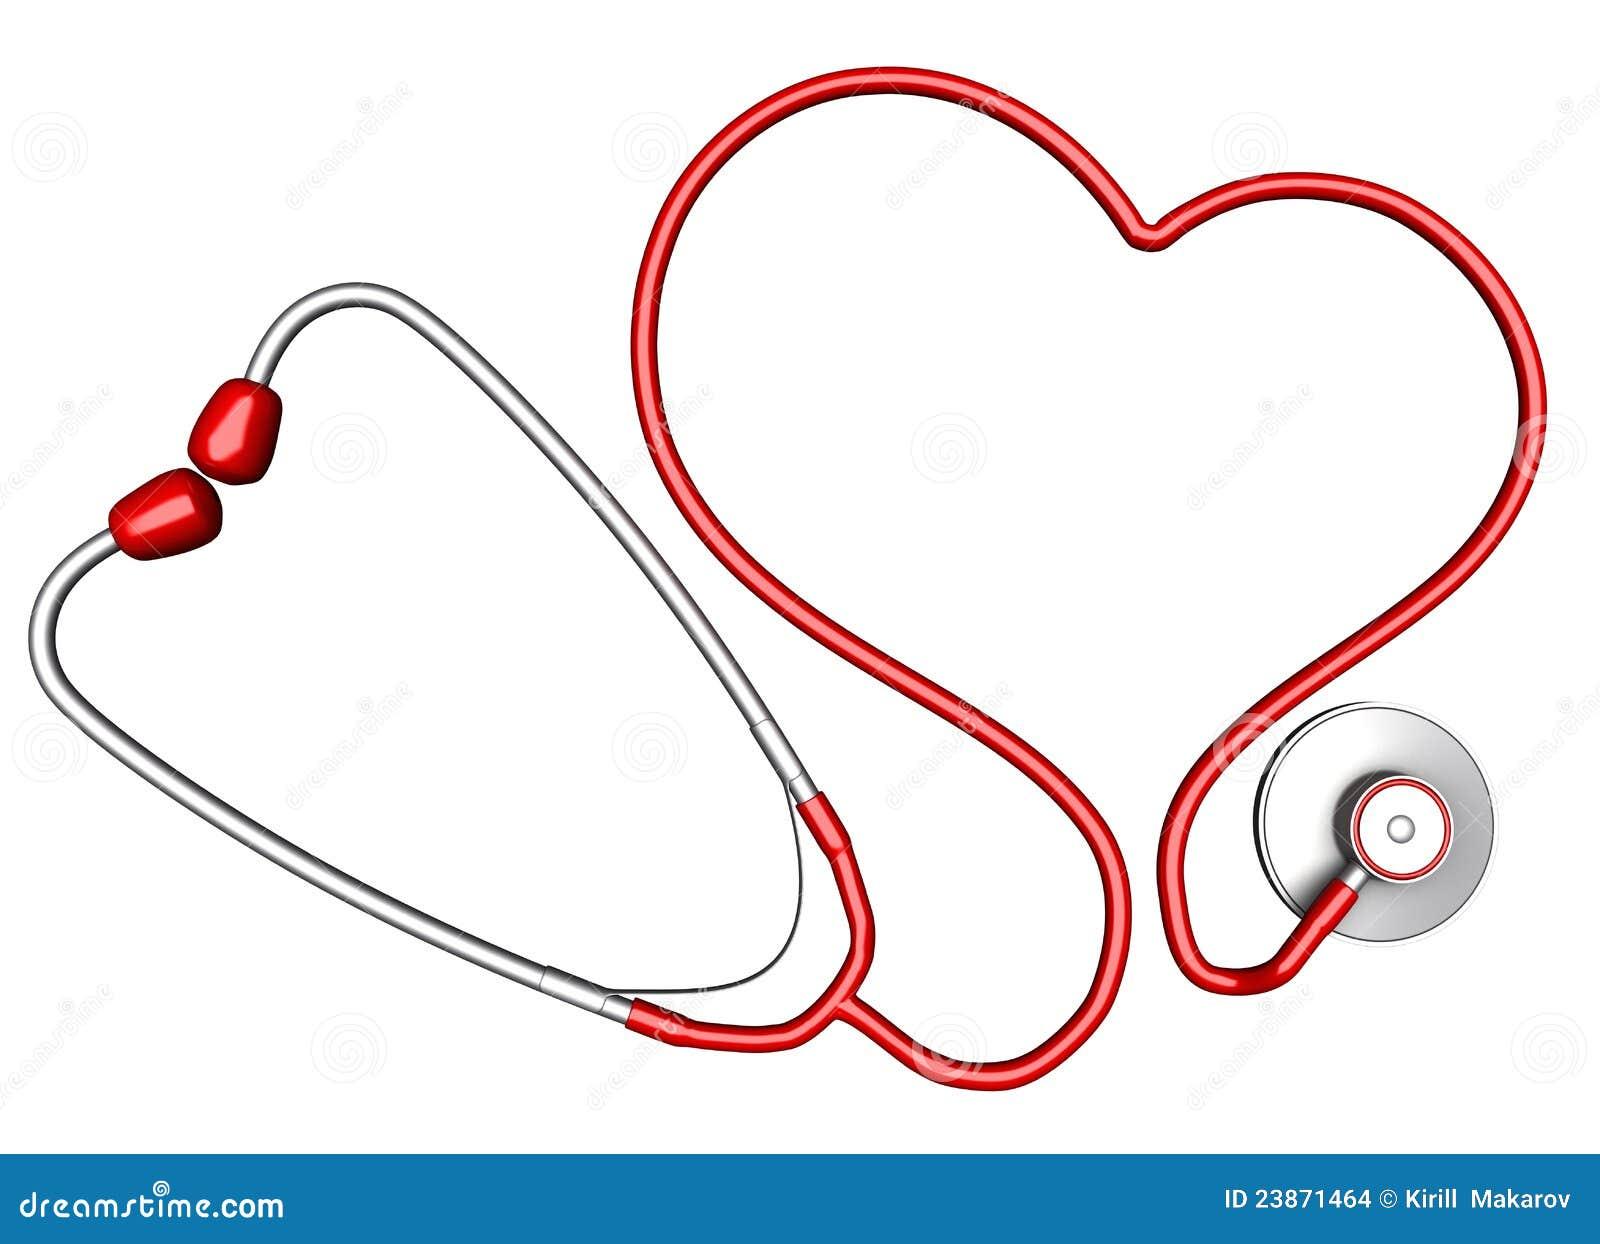 Estetoscopio En Forma De Corazón Stock De Ilustración Ilustración